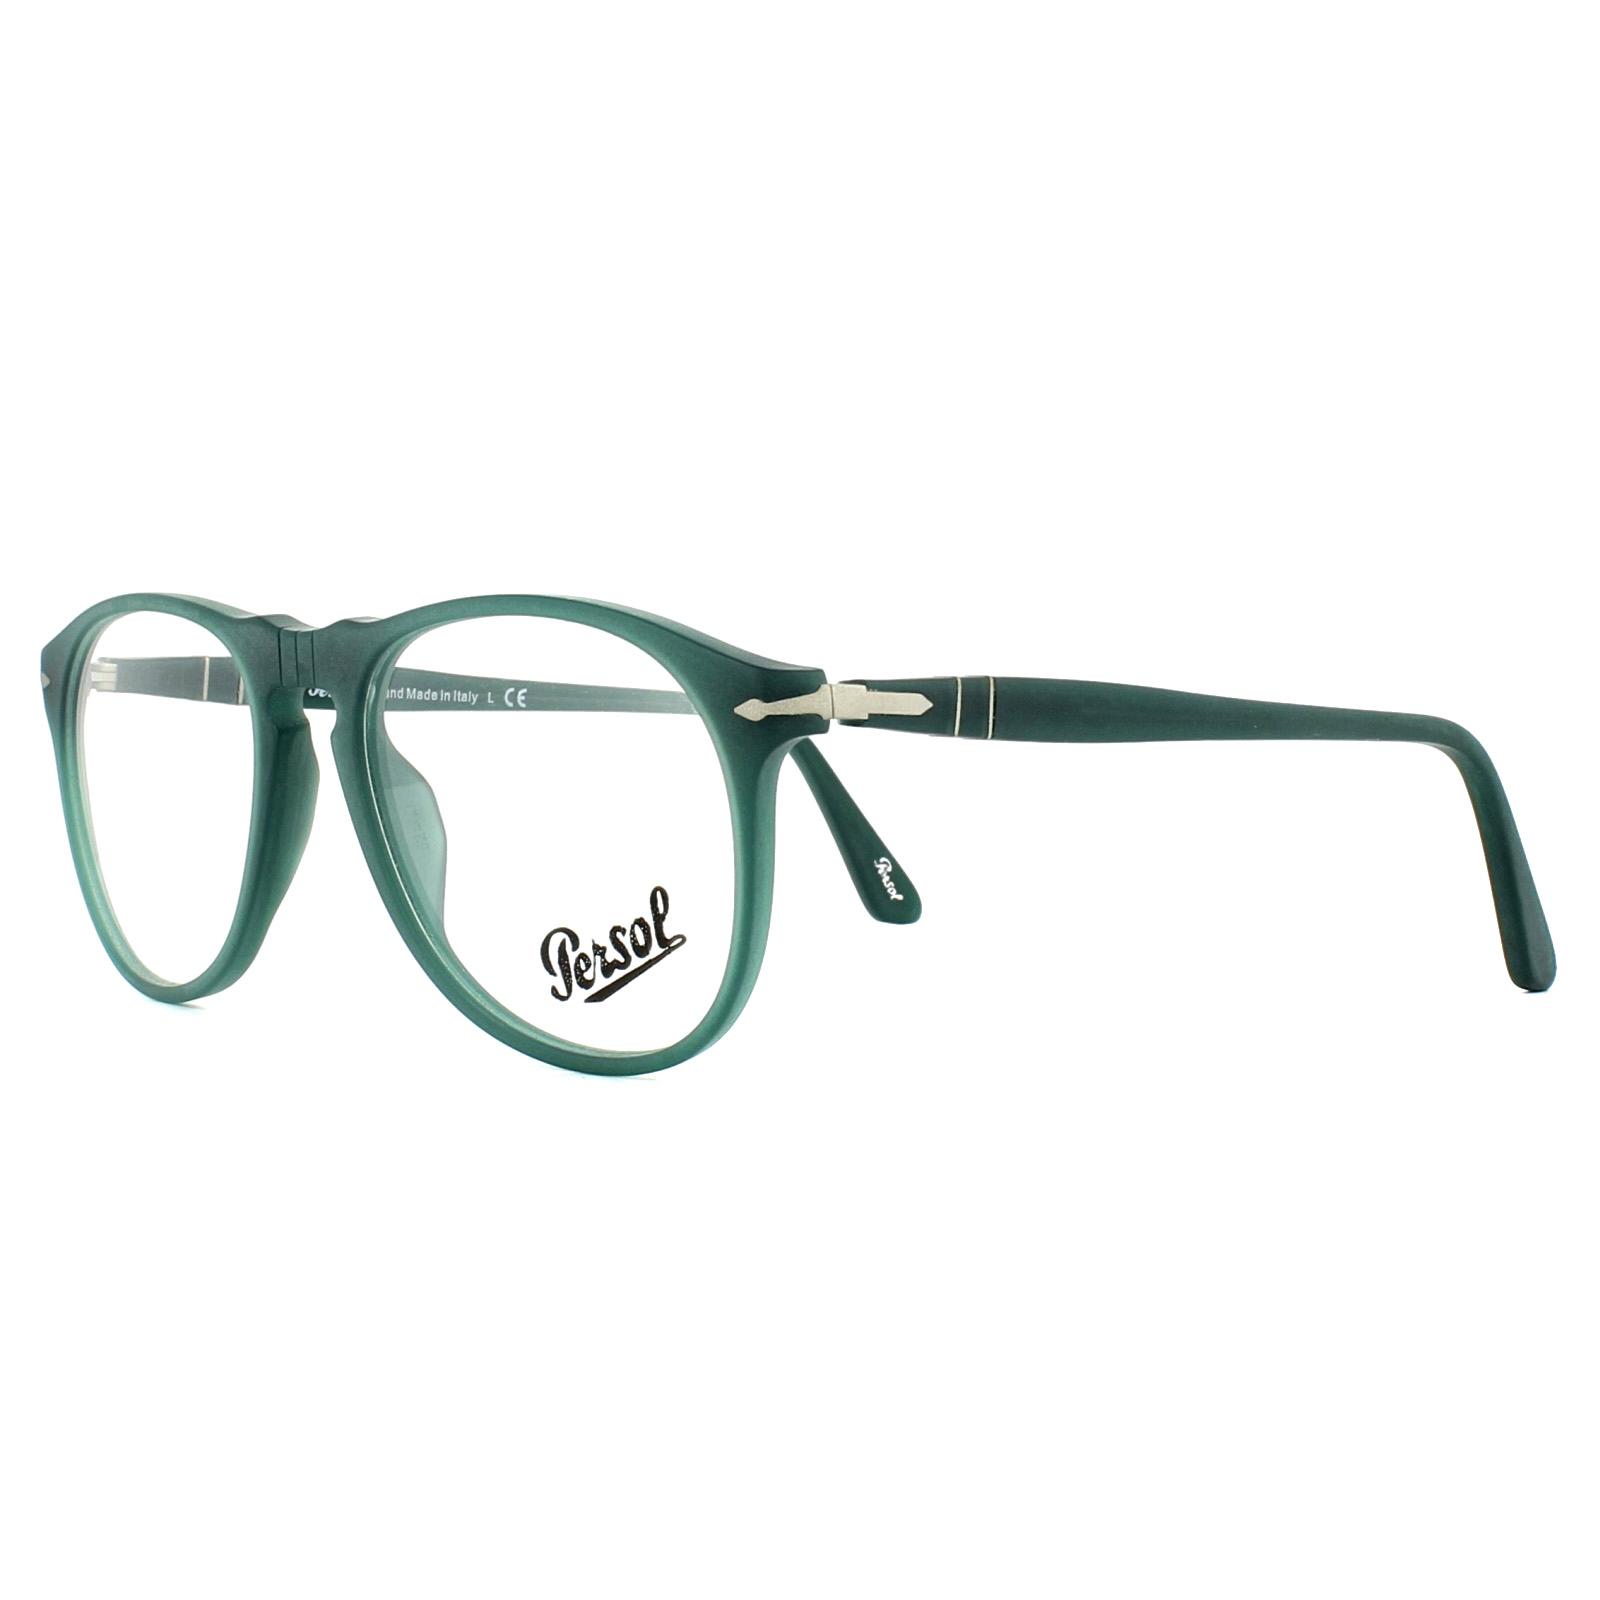 f06e6f7f15 Persol Glasses Frames PO9649V 9019 Ossidiana 52mm Mens 8053672246759 ...